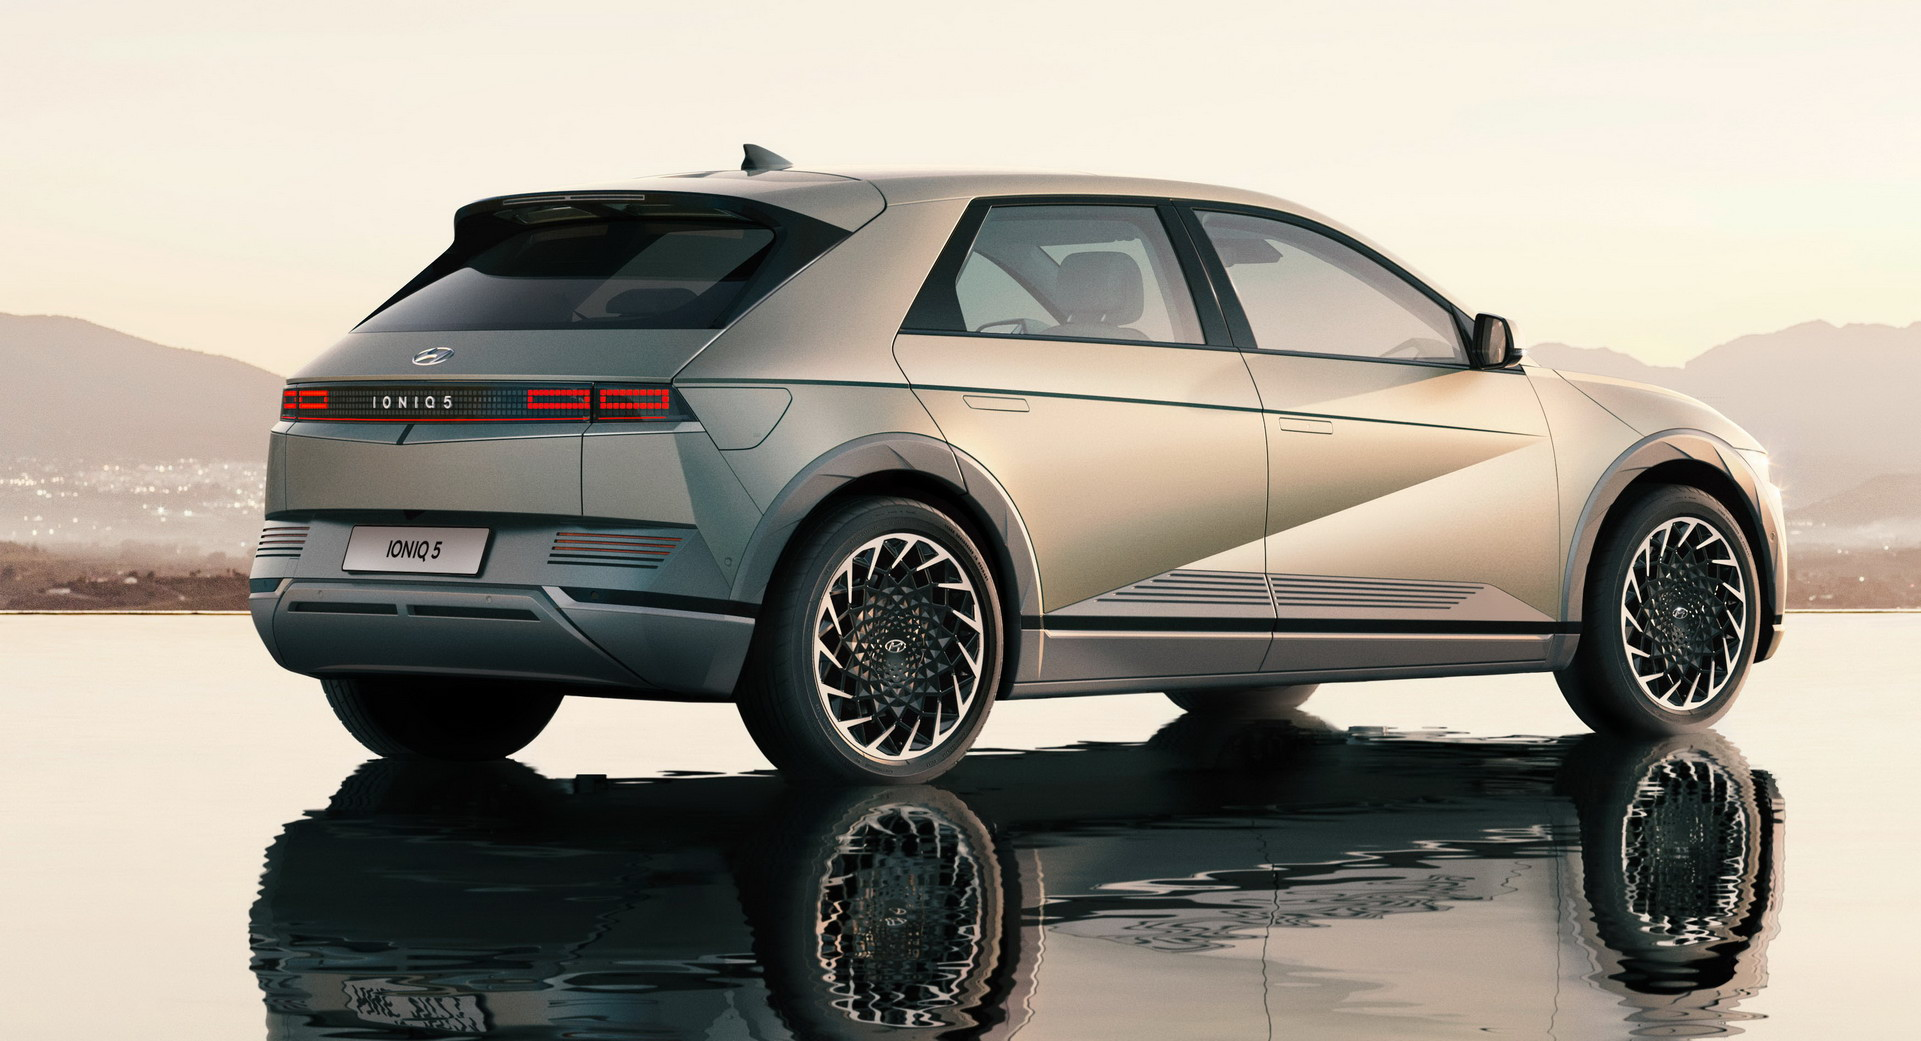 ヒュンダイの新型EV、アイオニック5がなんと発表初日に完売